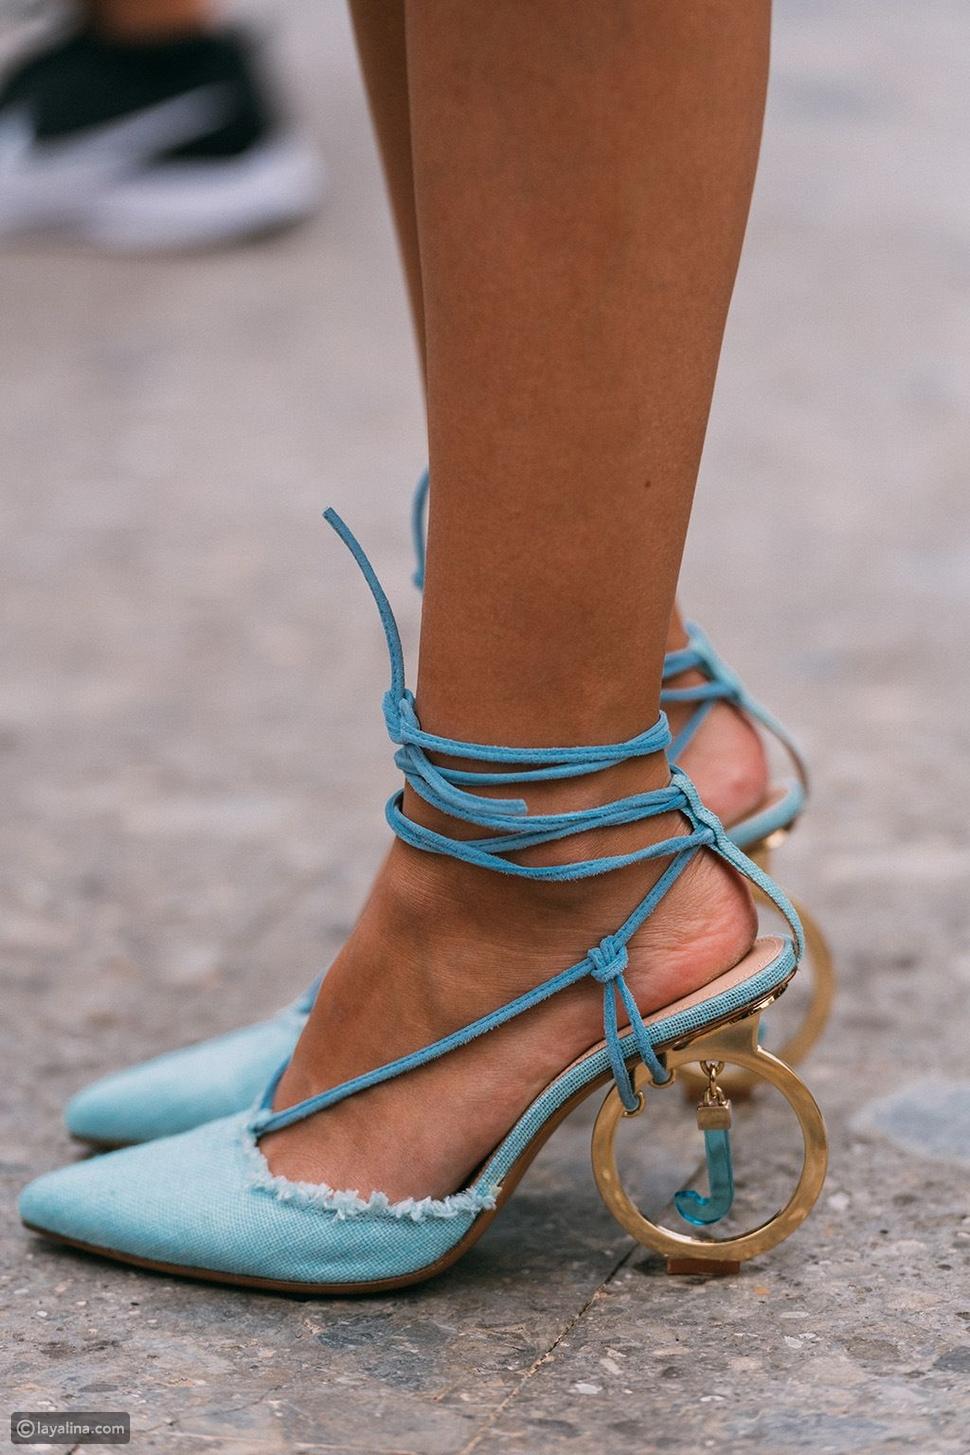 أحذية باللون الأزرق السماوي